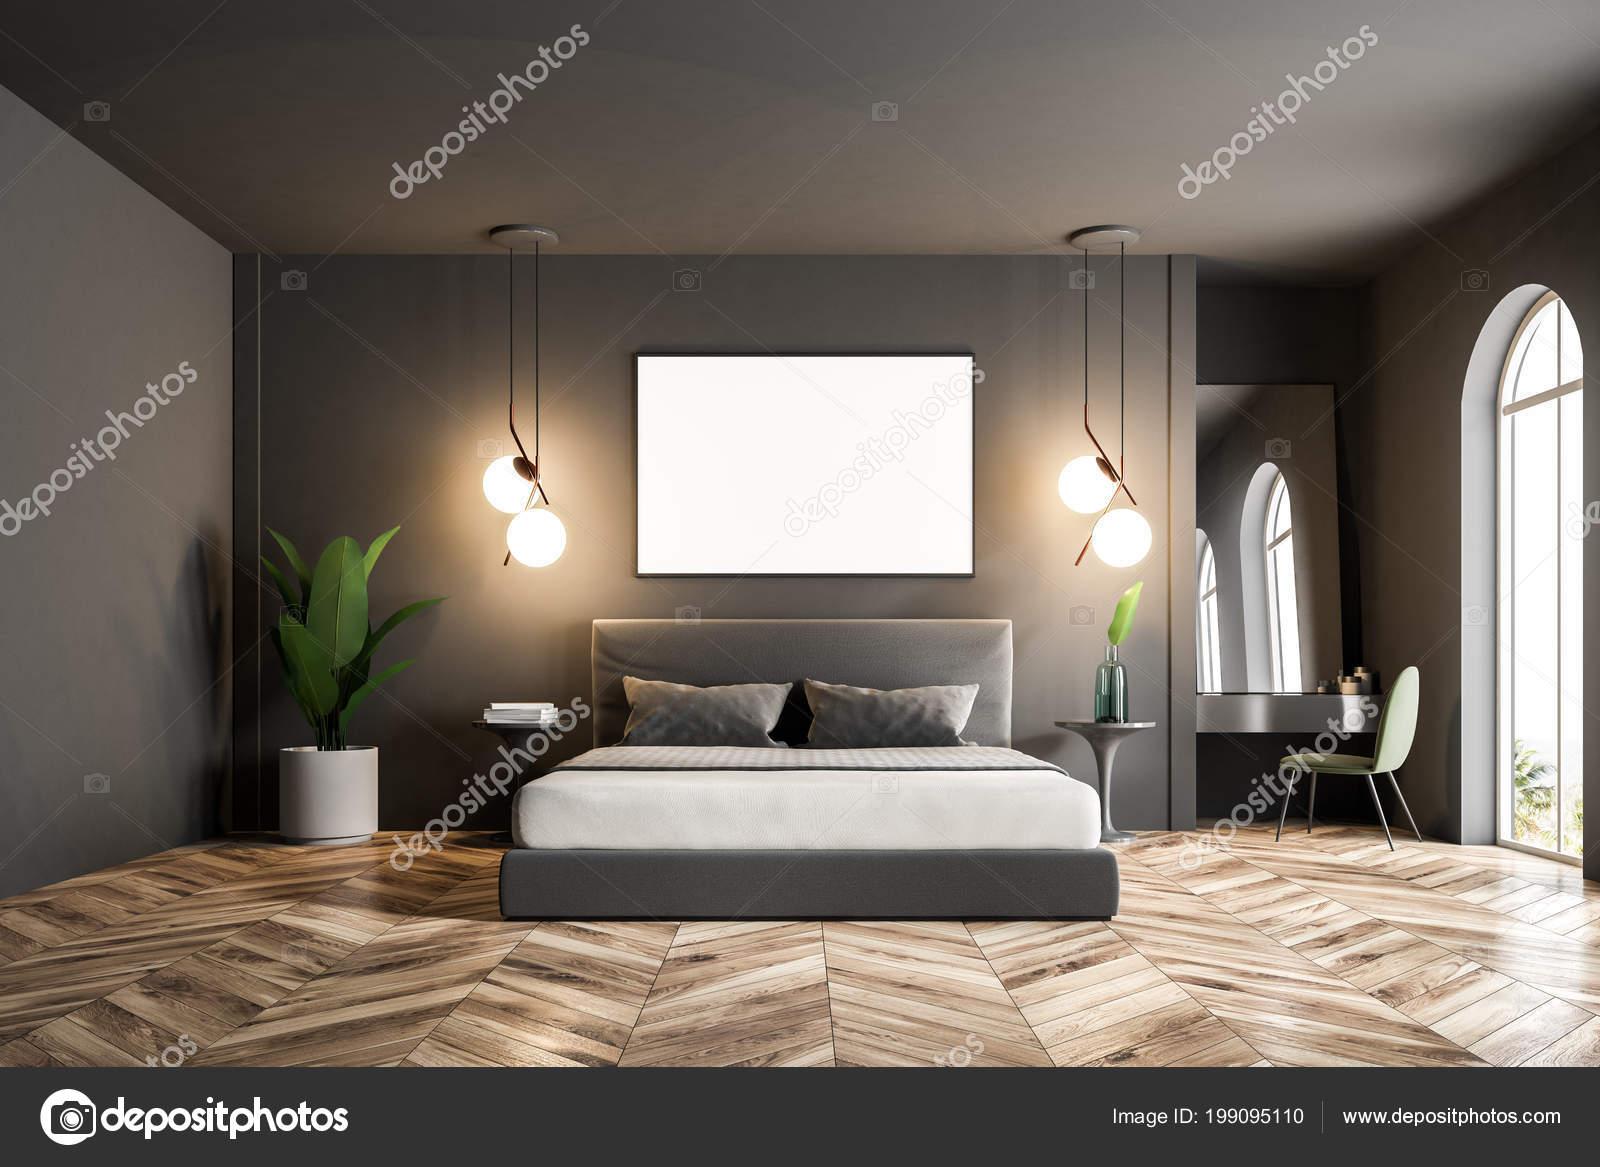 Nowoczesna Sypialnia Wnętrza Ciemno Szare ściany Drewnianą